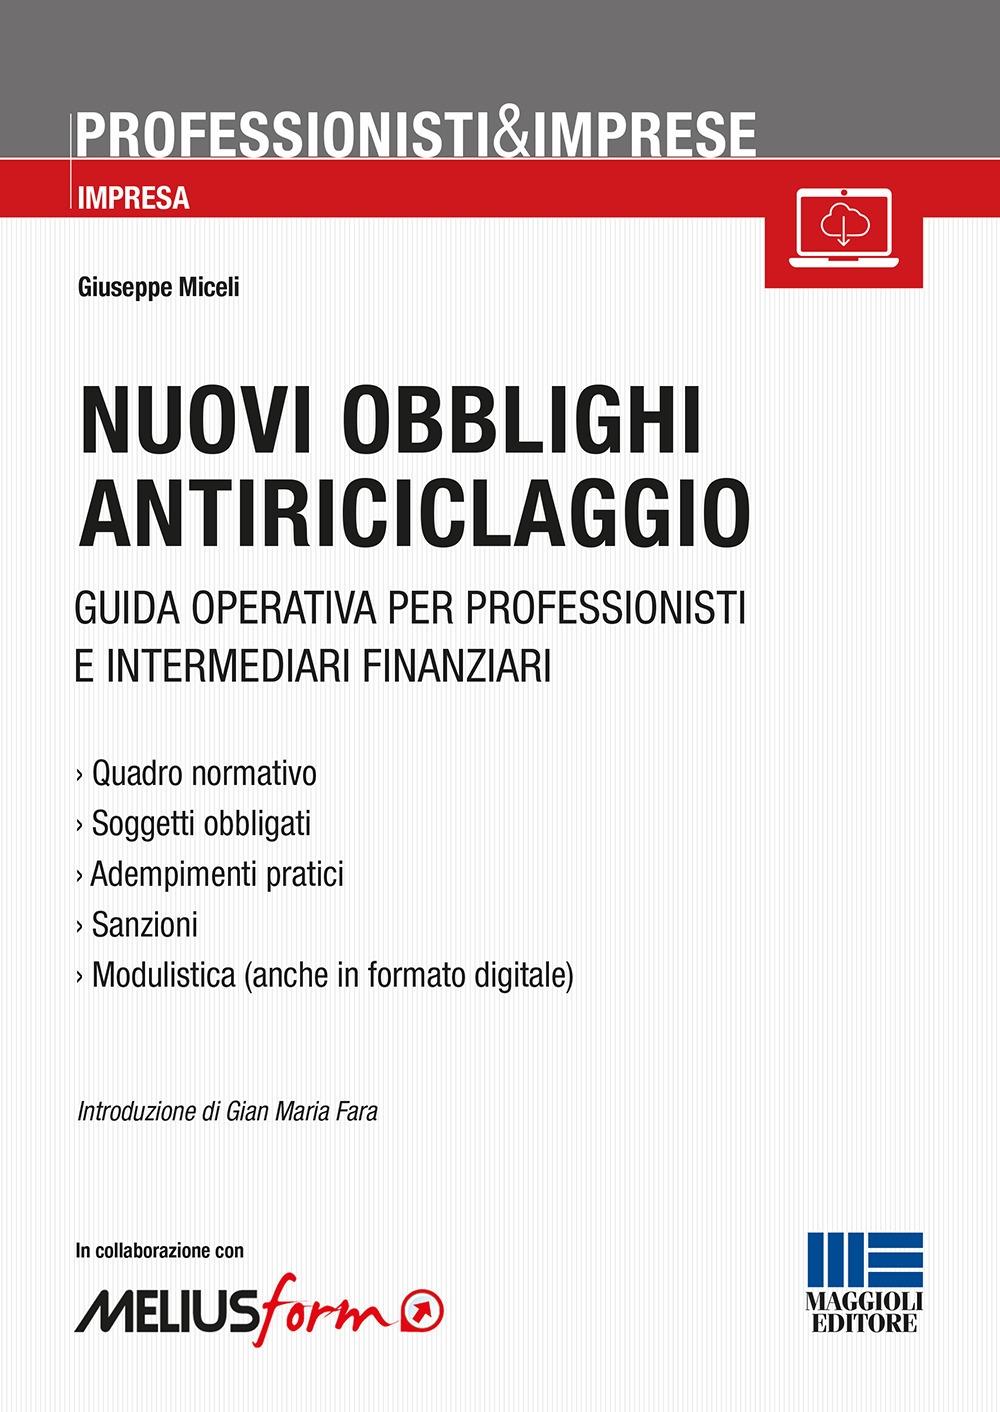 Nuovi obblighi antiriciclaggio. Guida operativa per professionisti e intermediari finanziari